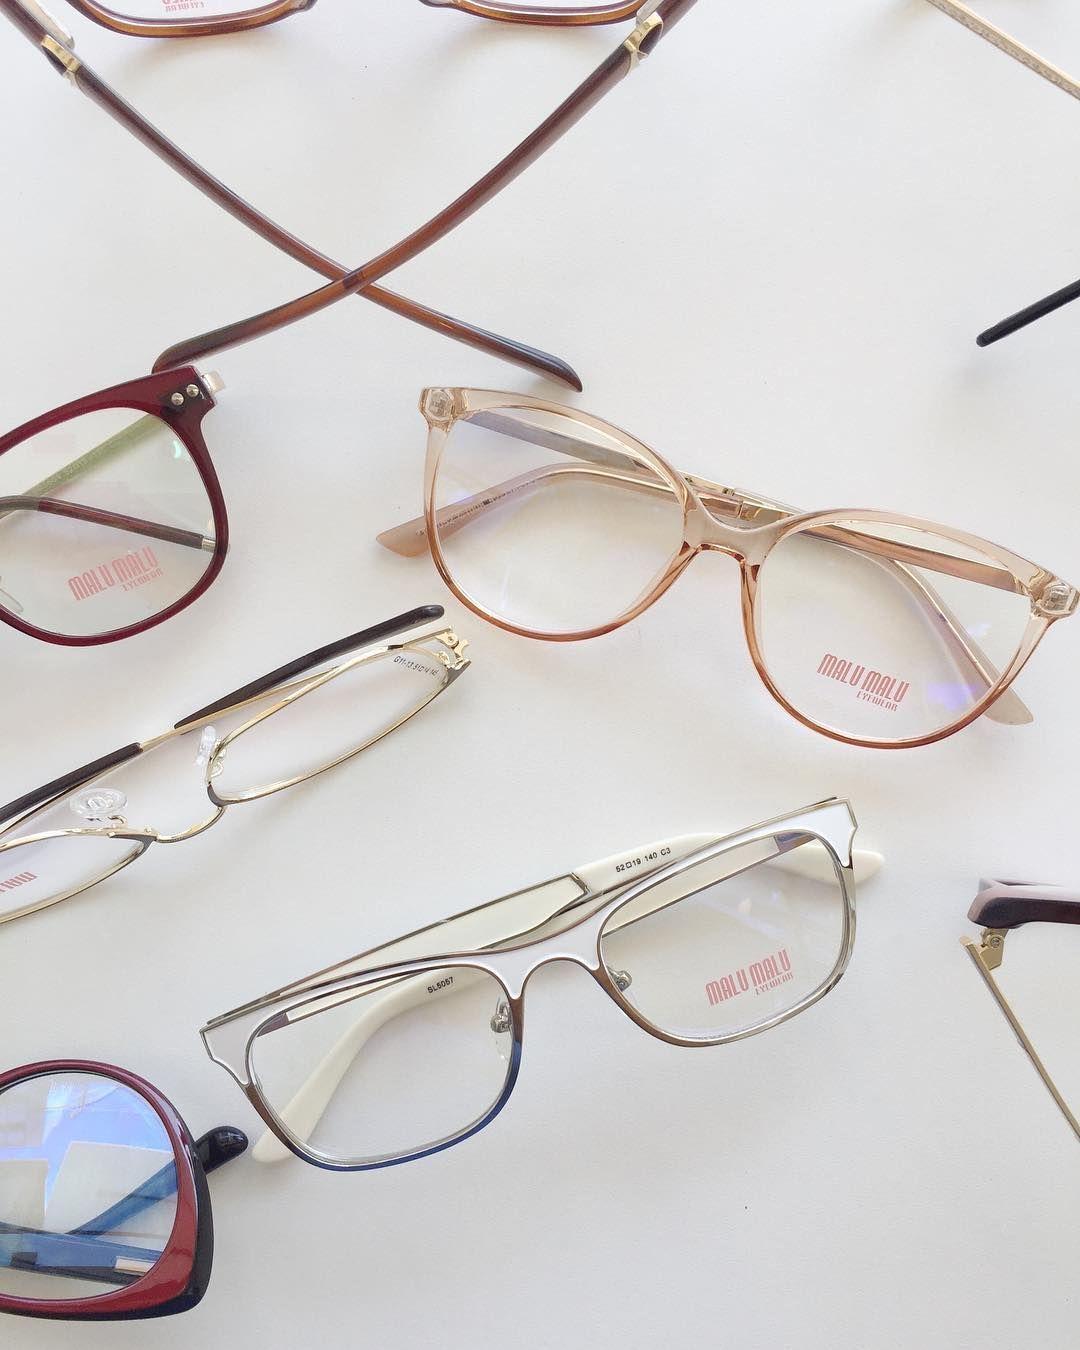 d8963119dd113 A nova coleção da Malu Malu desembarcou aqui no Shopping dos Óculos ...